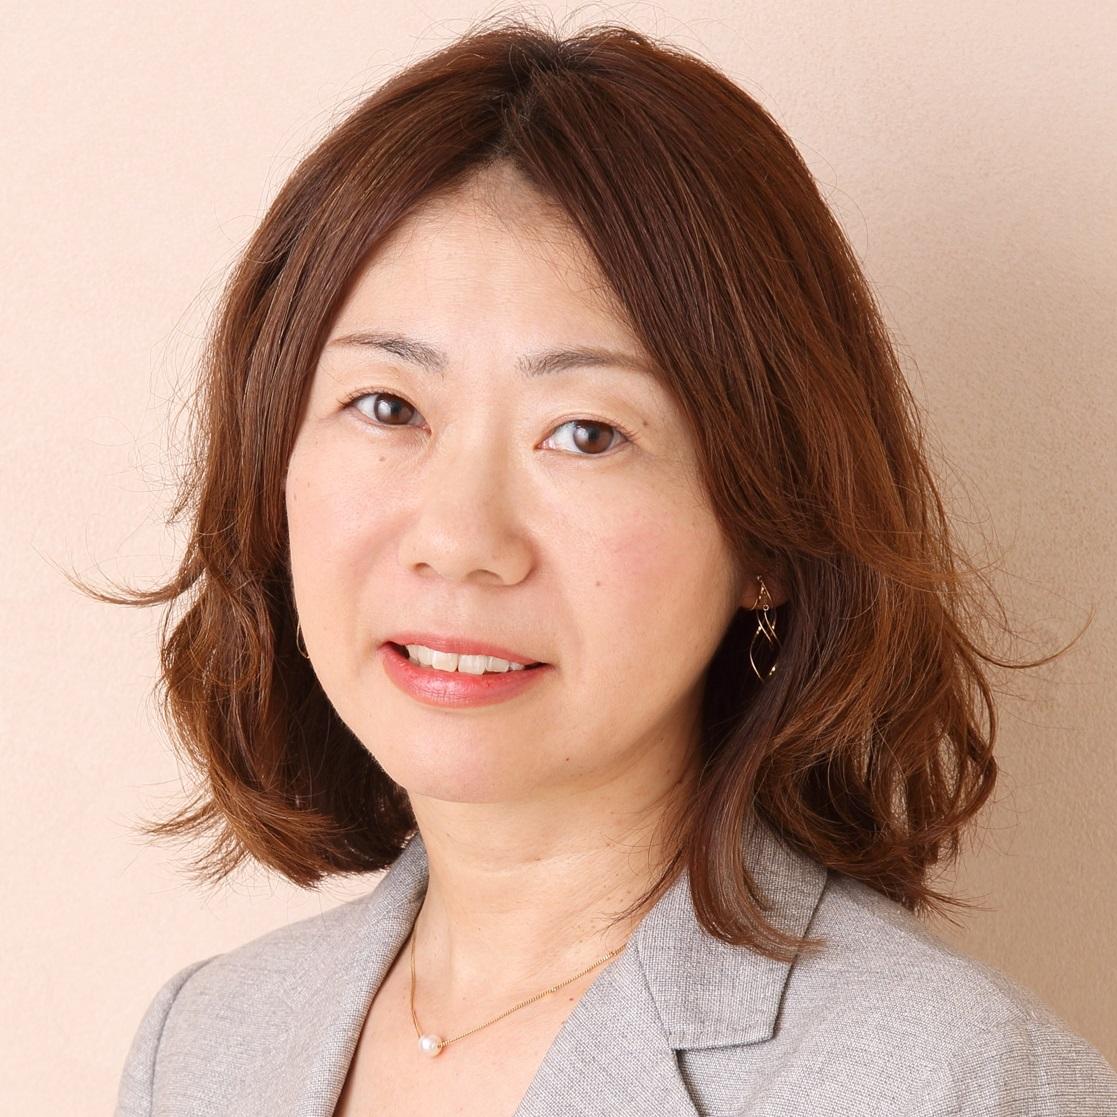 Chika Furukawa